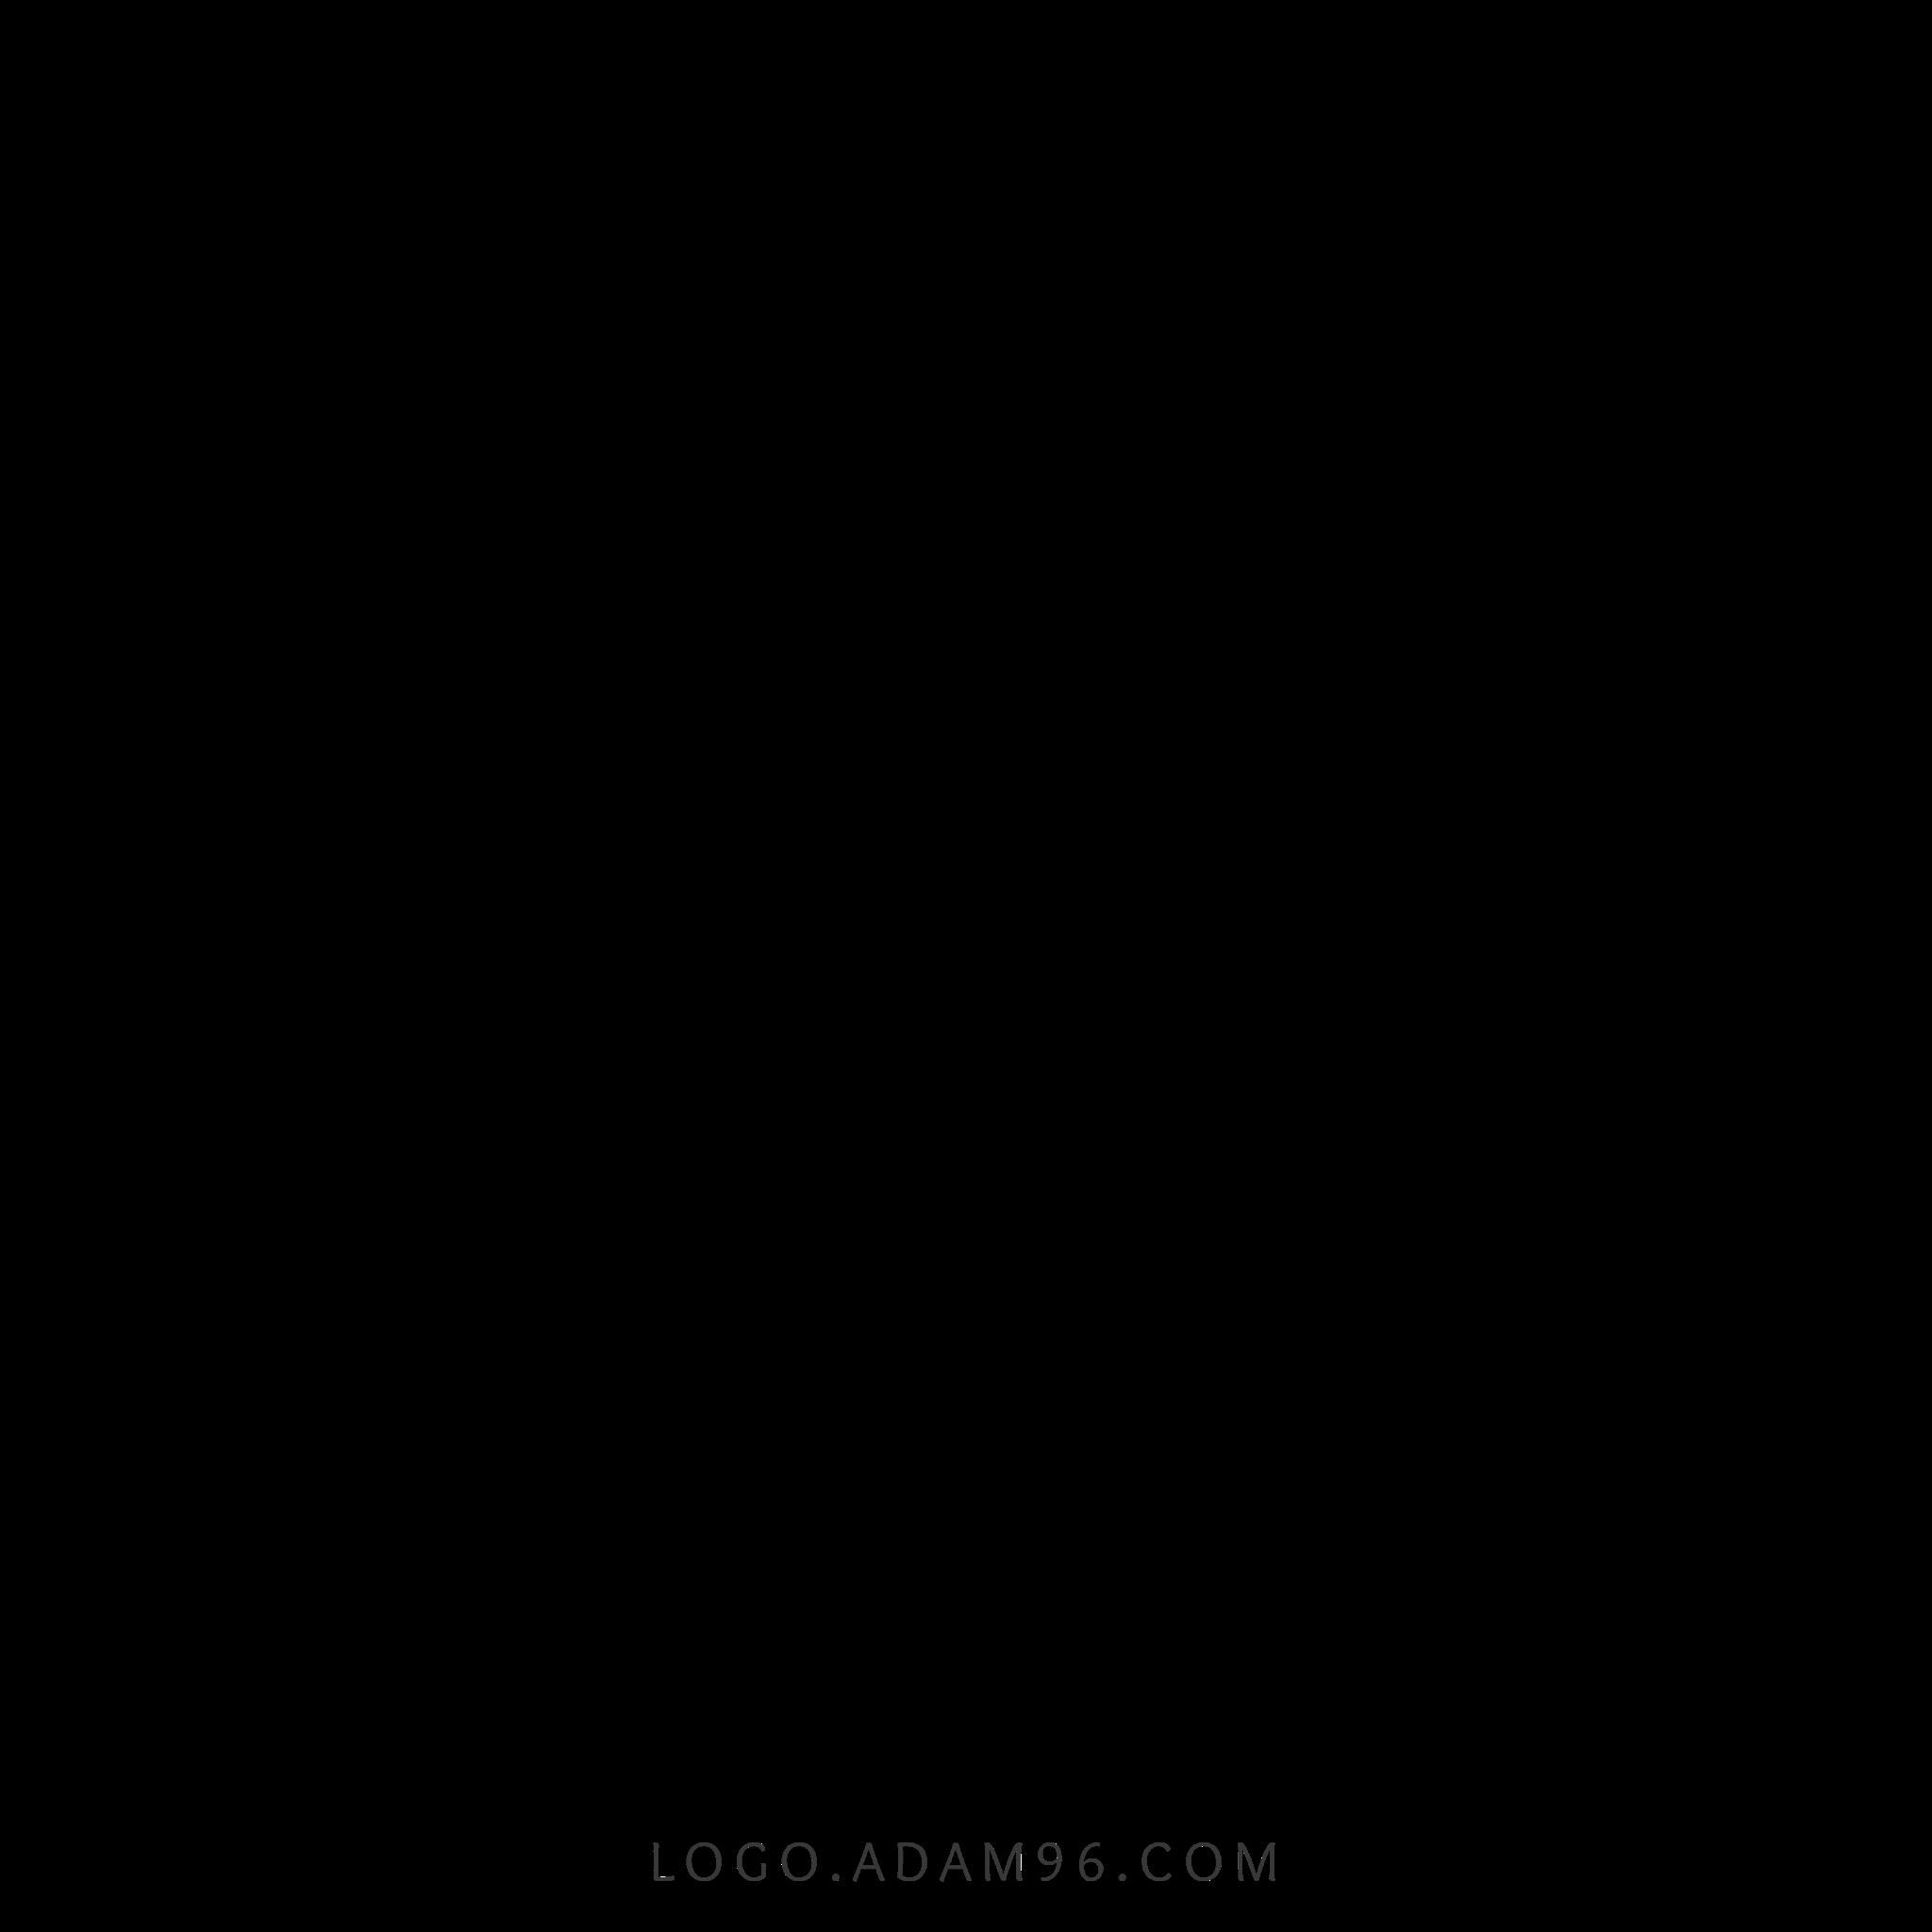 تحميل شعار ايفون 12 الرسمي لوجو عالي الدقة بصيغة شفافة Logo iPhone 12 PNG